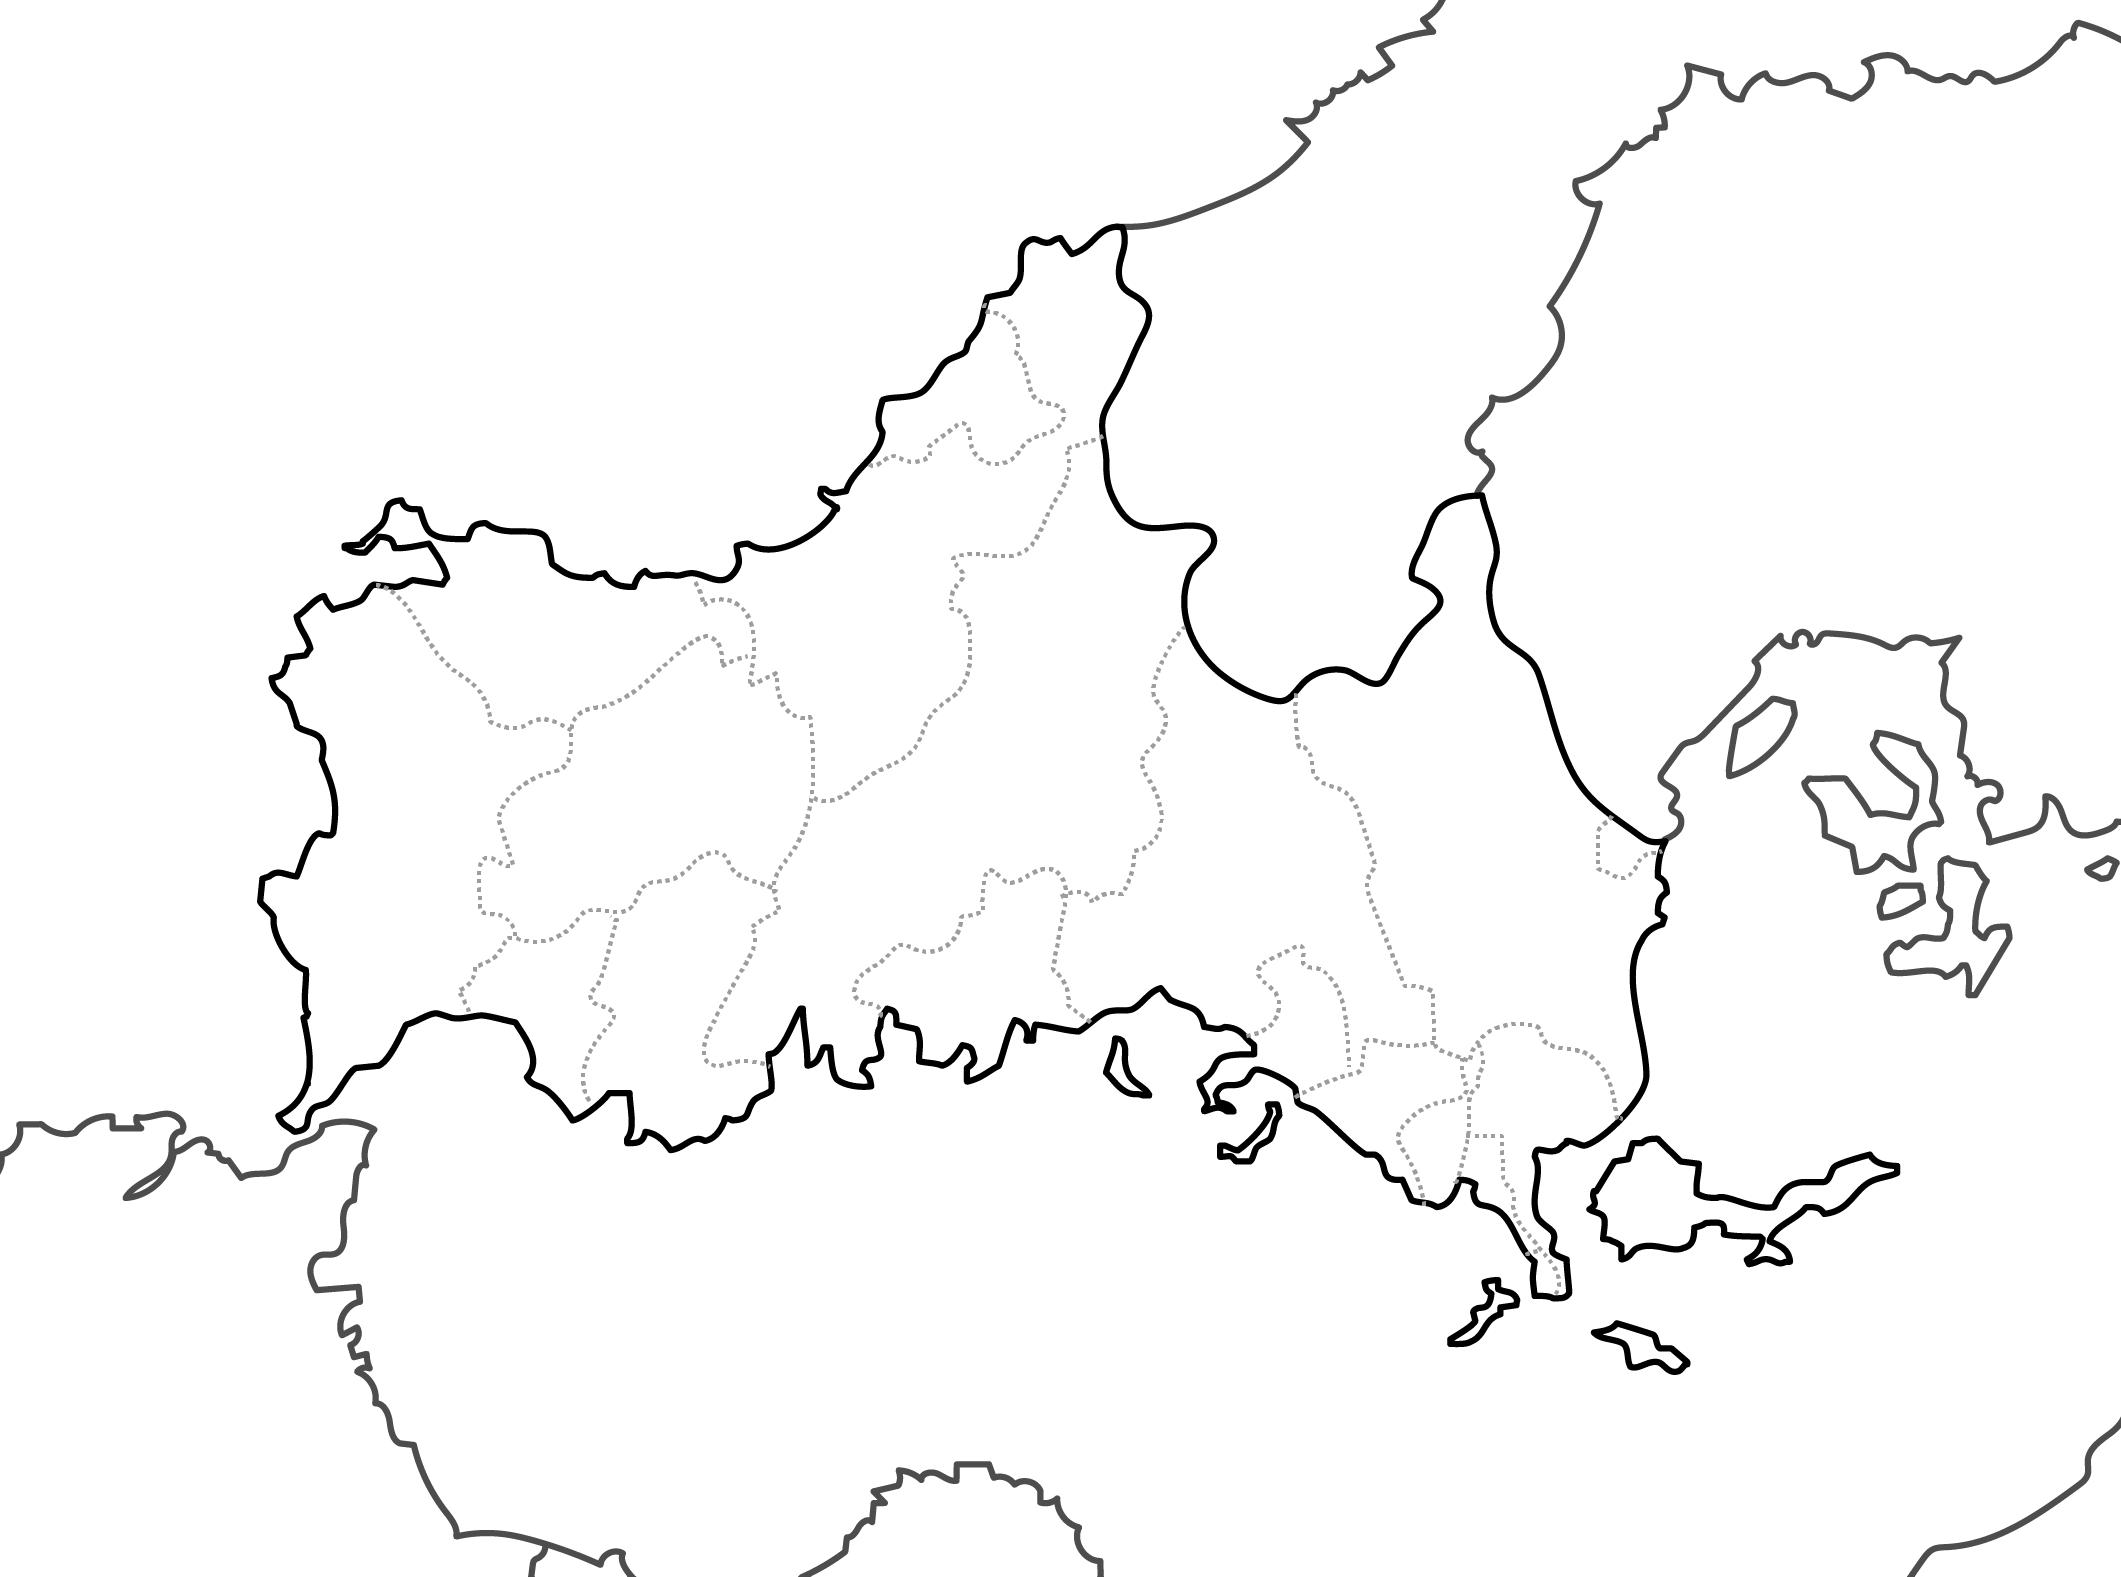 [白地図]山口県・ラインあり・市区町村名なし・隣県なし